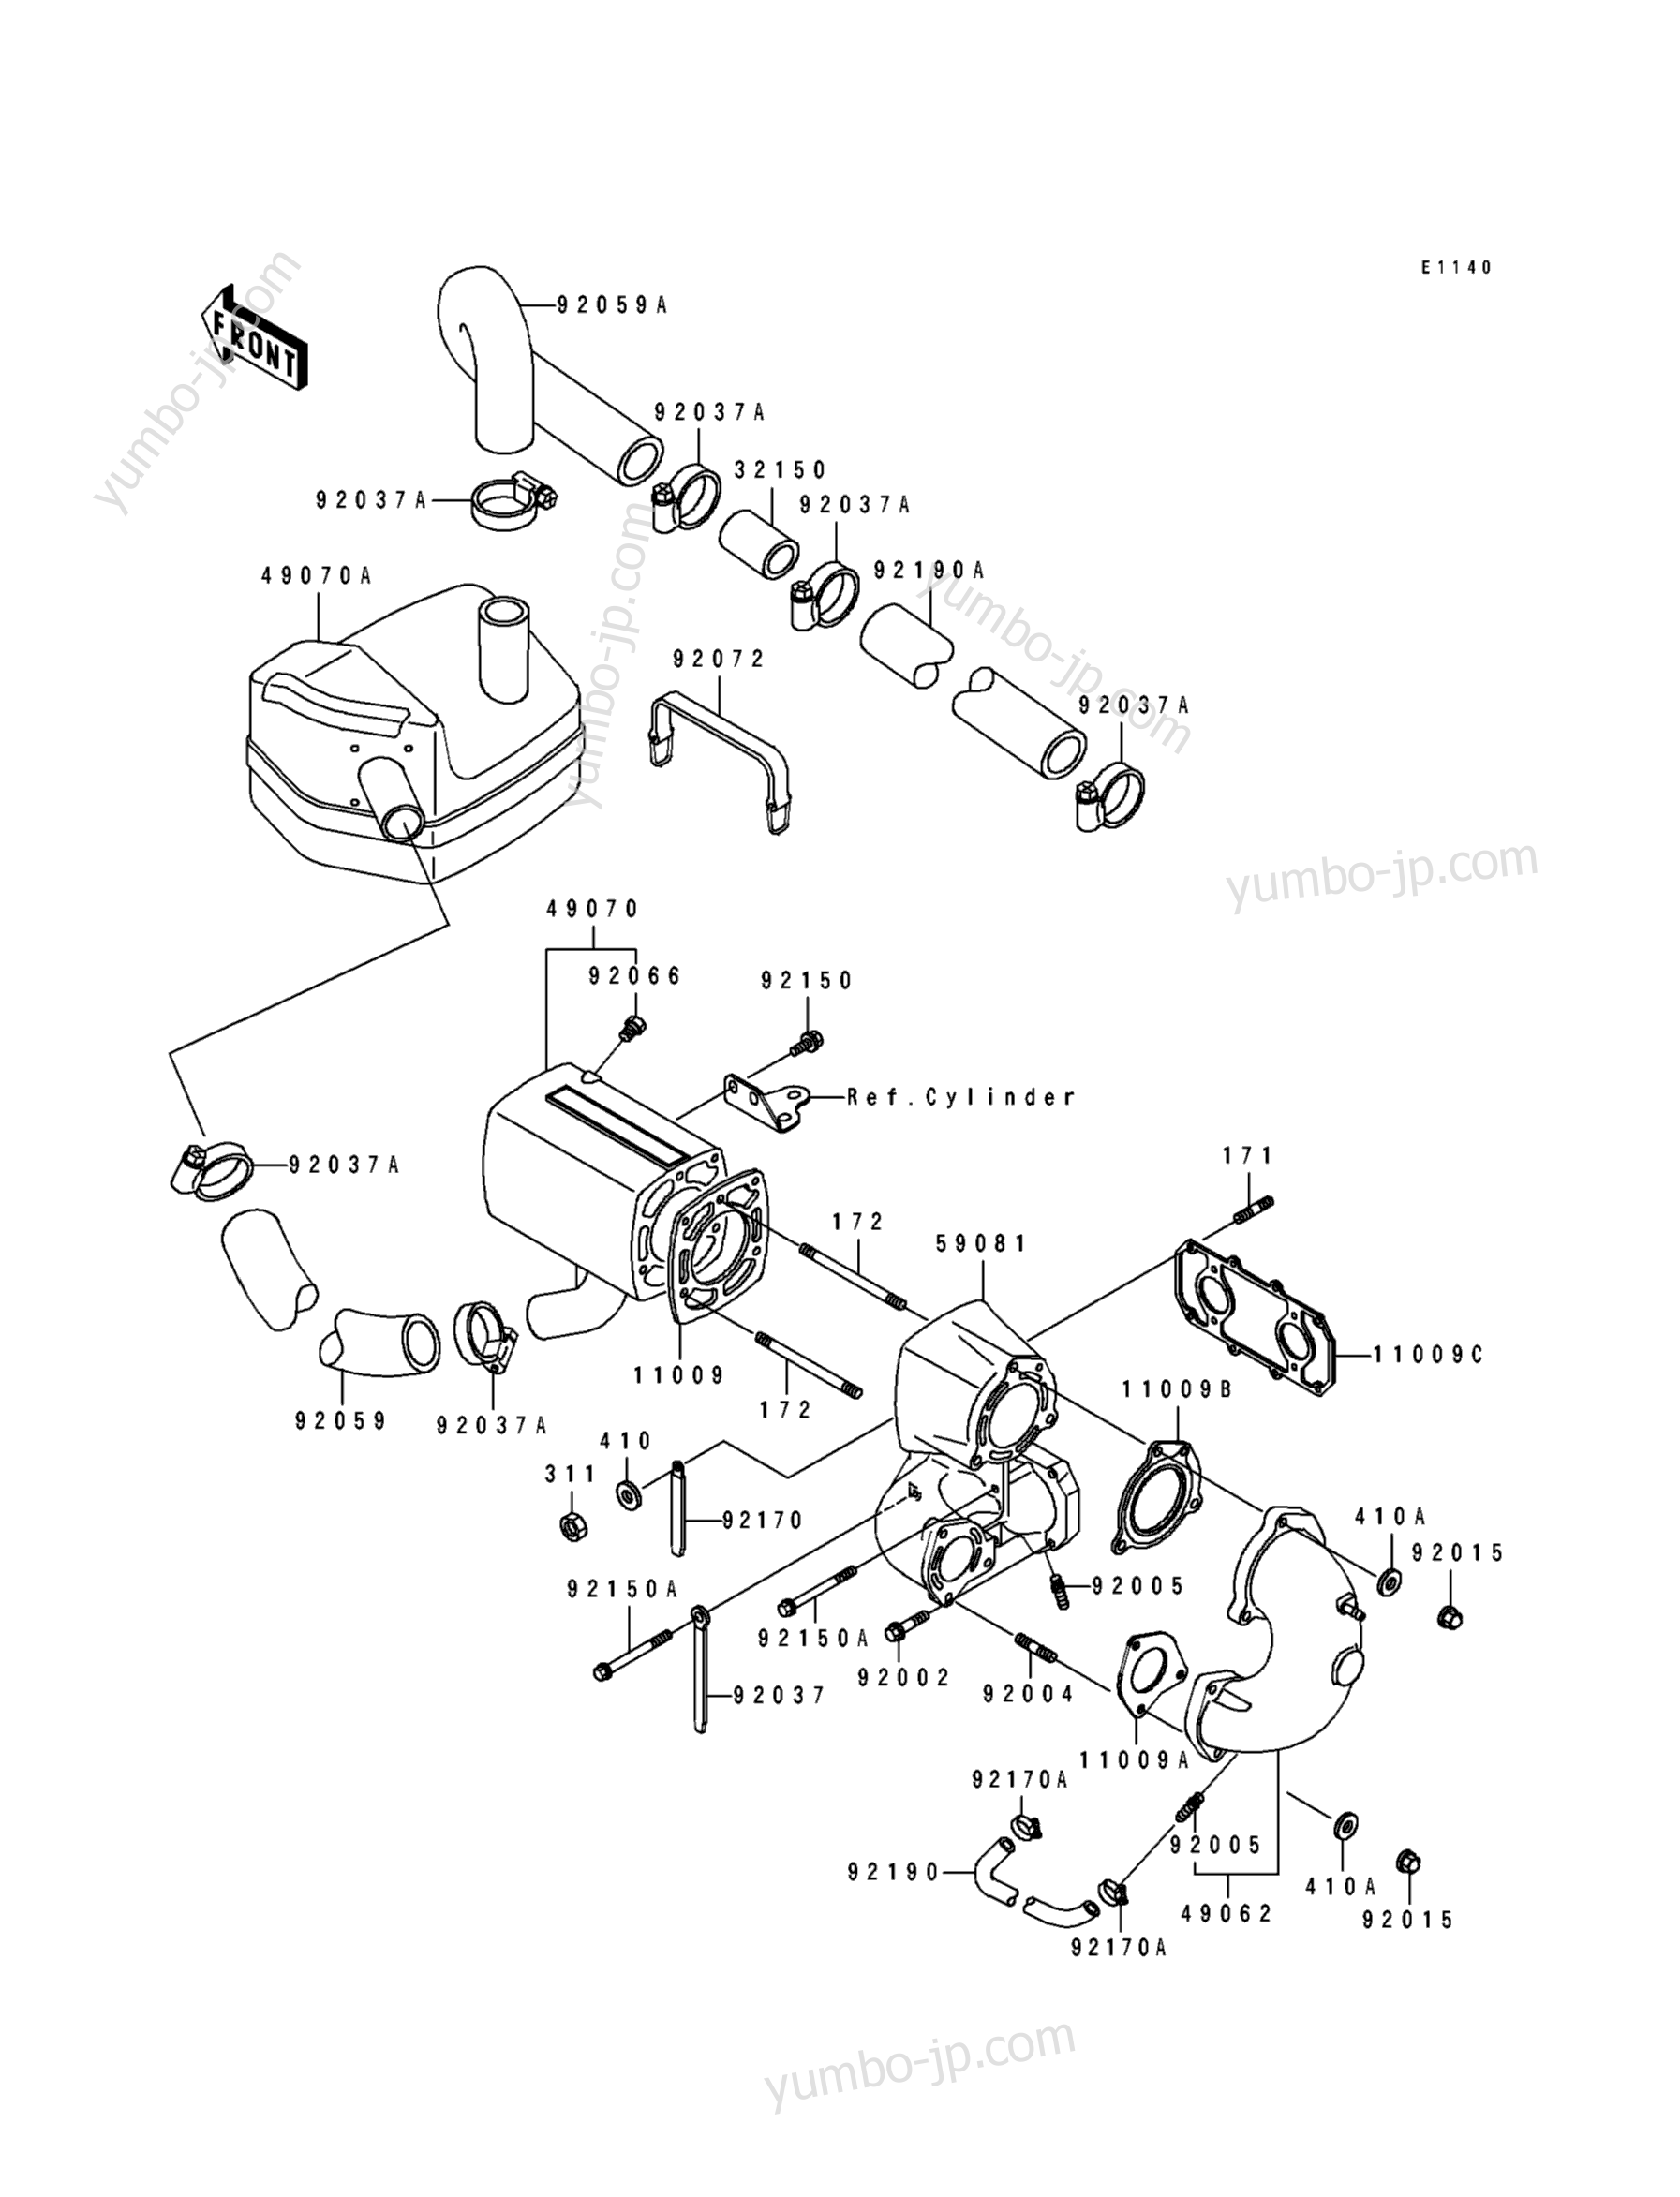 MUFFLER для гидроциклов KAWASAKI JS550-B1 1990 г.